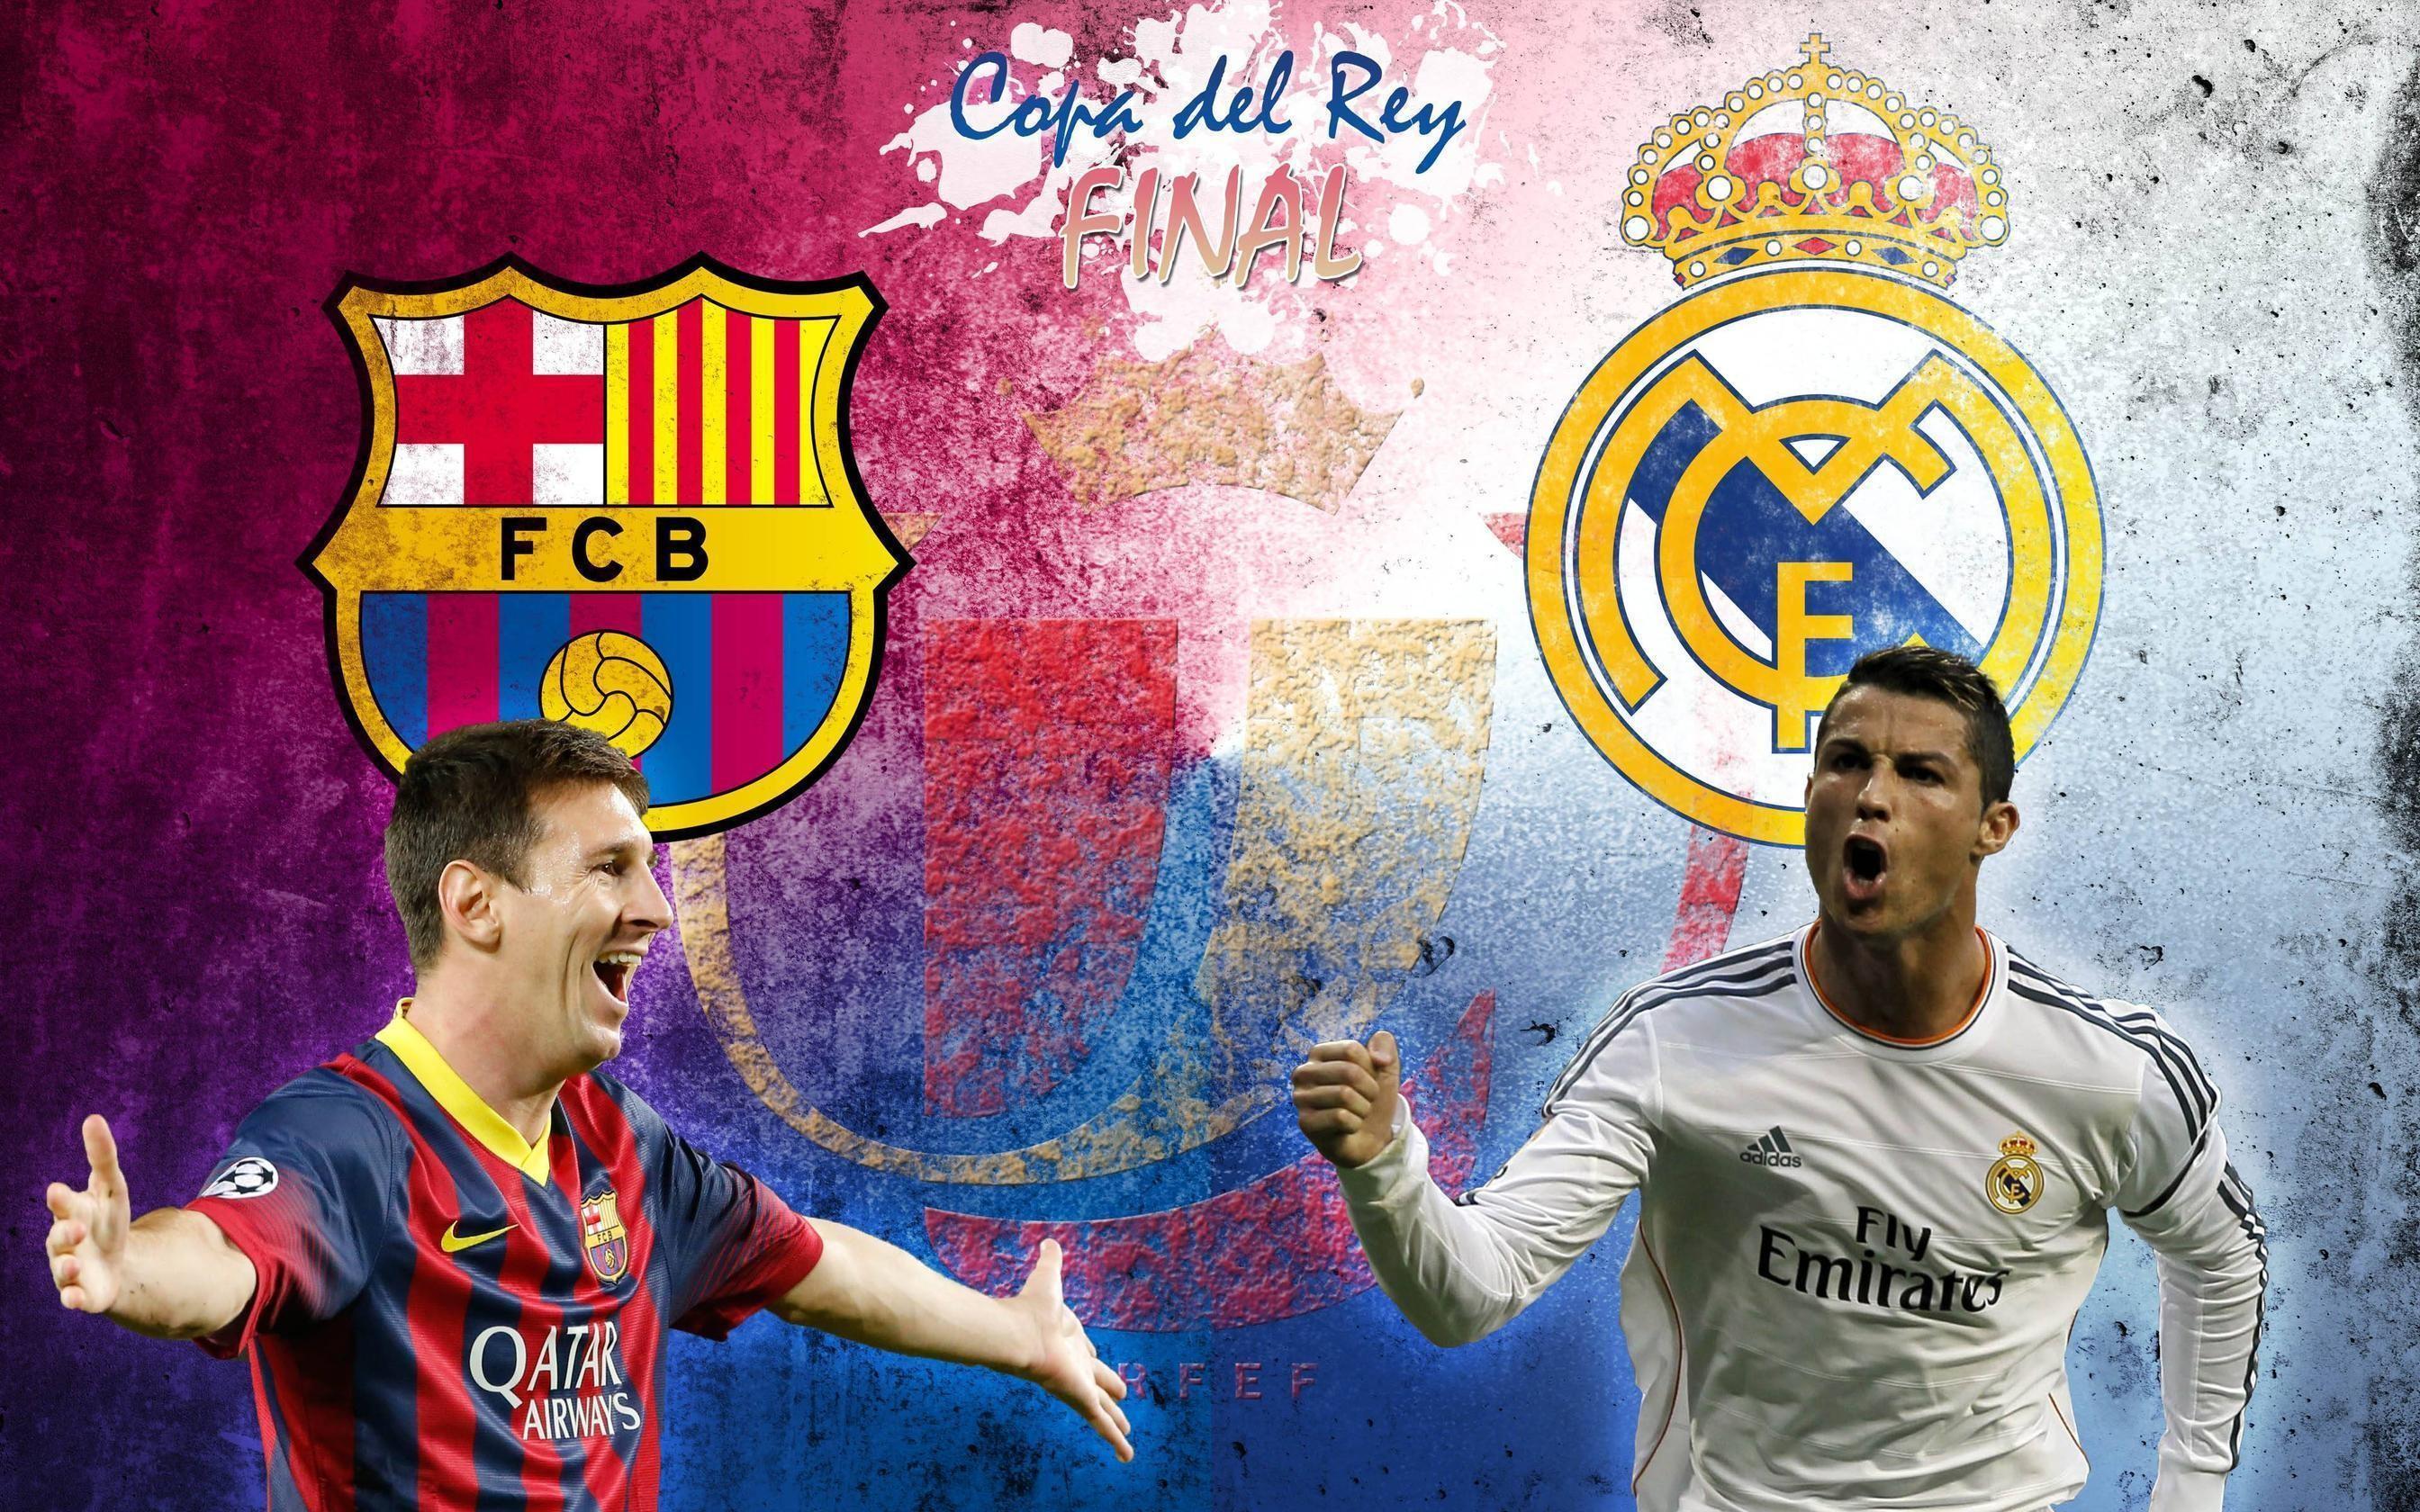 57 Cristiano Ronaldo Vs Lionel Messi 2015 Wallpaper On